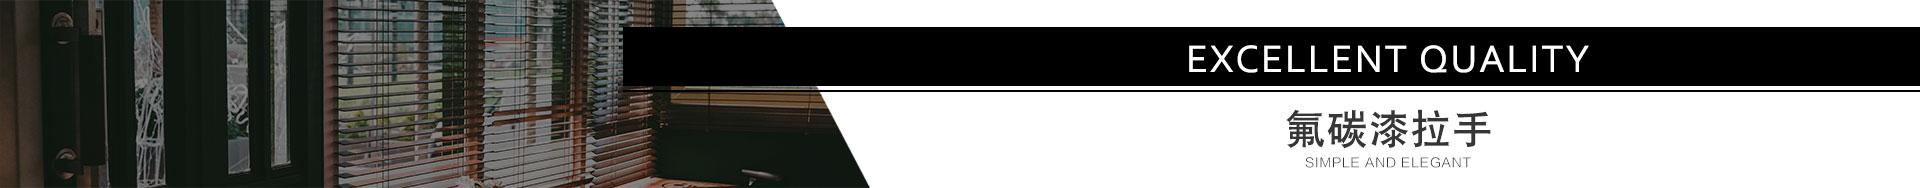 氟碳漆拉手-肇庆精工五金装饰制品有限公司